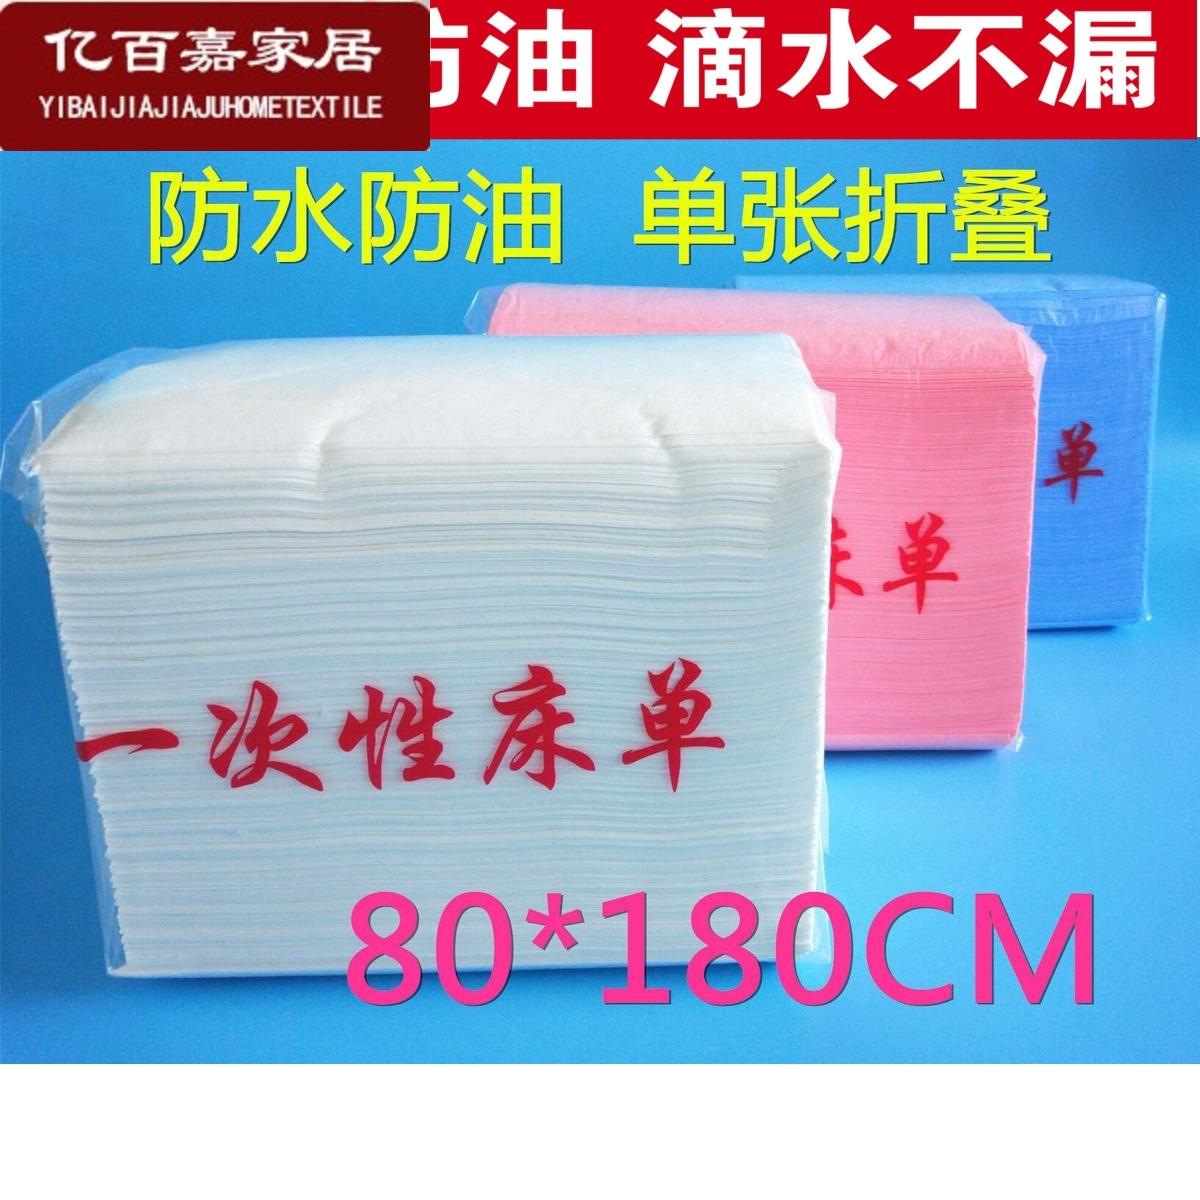 Tấm trải giường dùng một lần nệm giấy thẩm mỹ viện đặc biệt chống thấm nước và dày dầu chống thấm giữa tấm duy nhất pad không thấm nước - Khăn trải giường